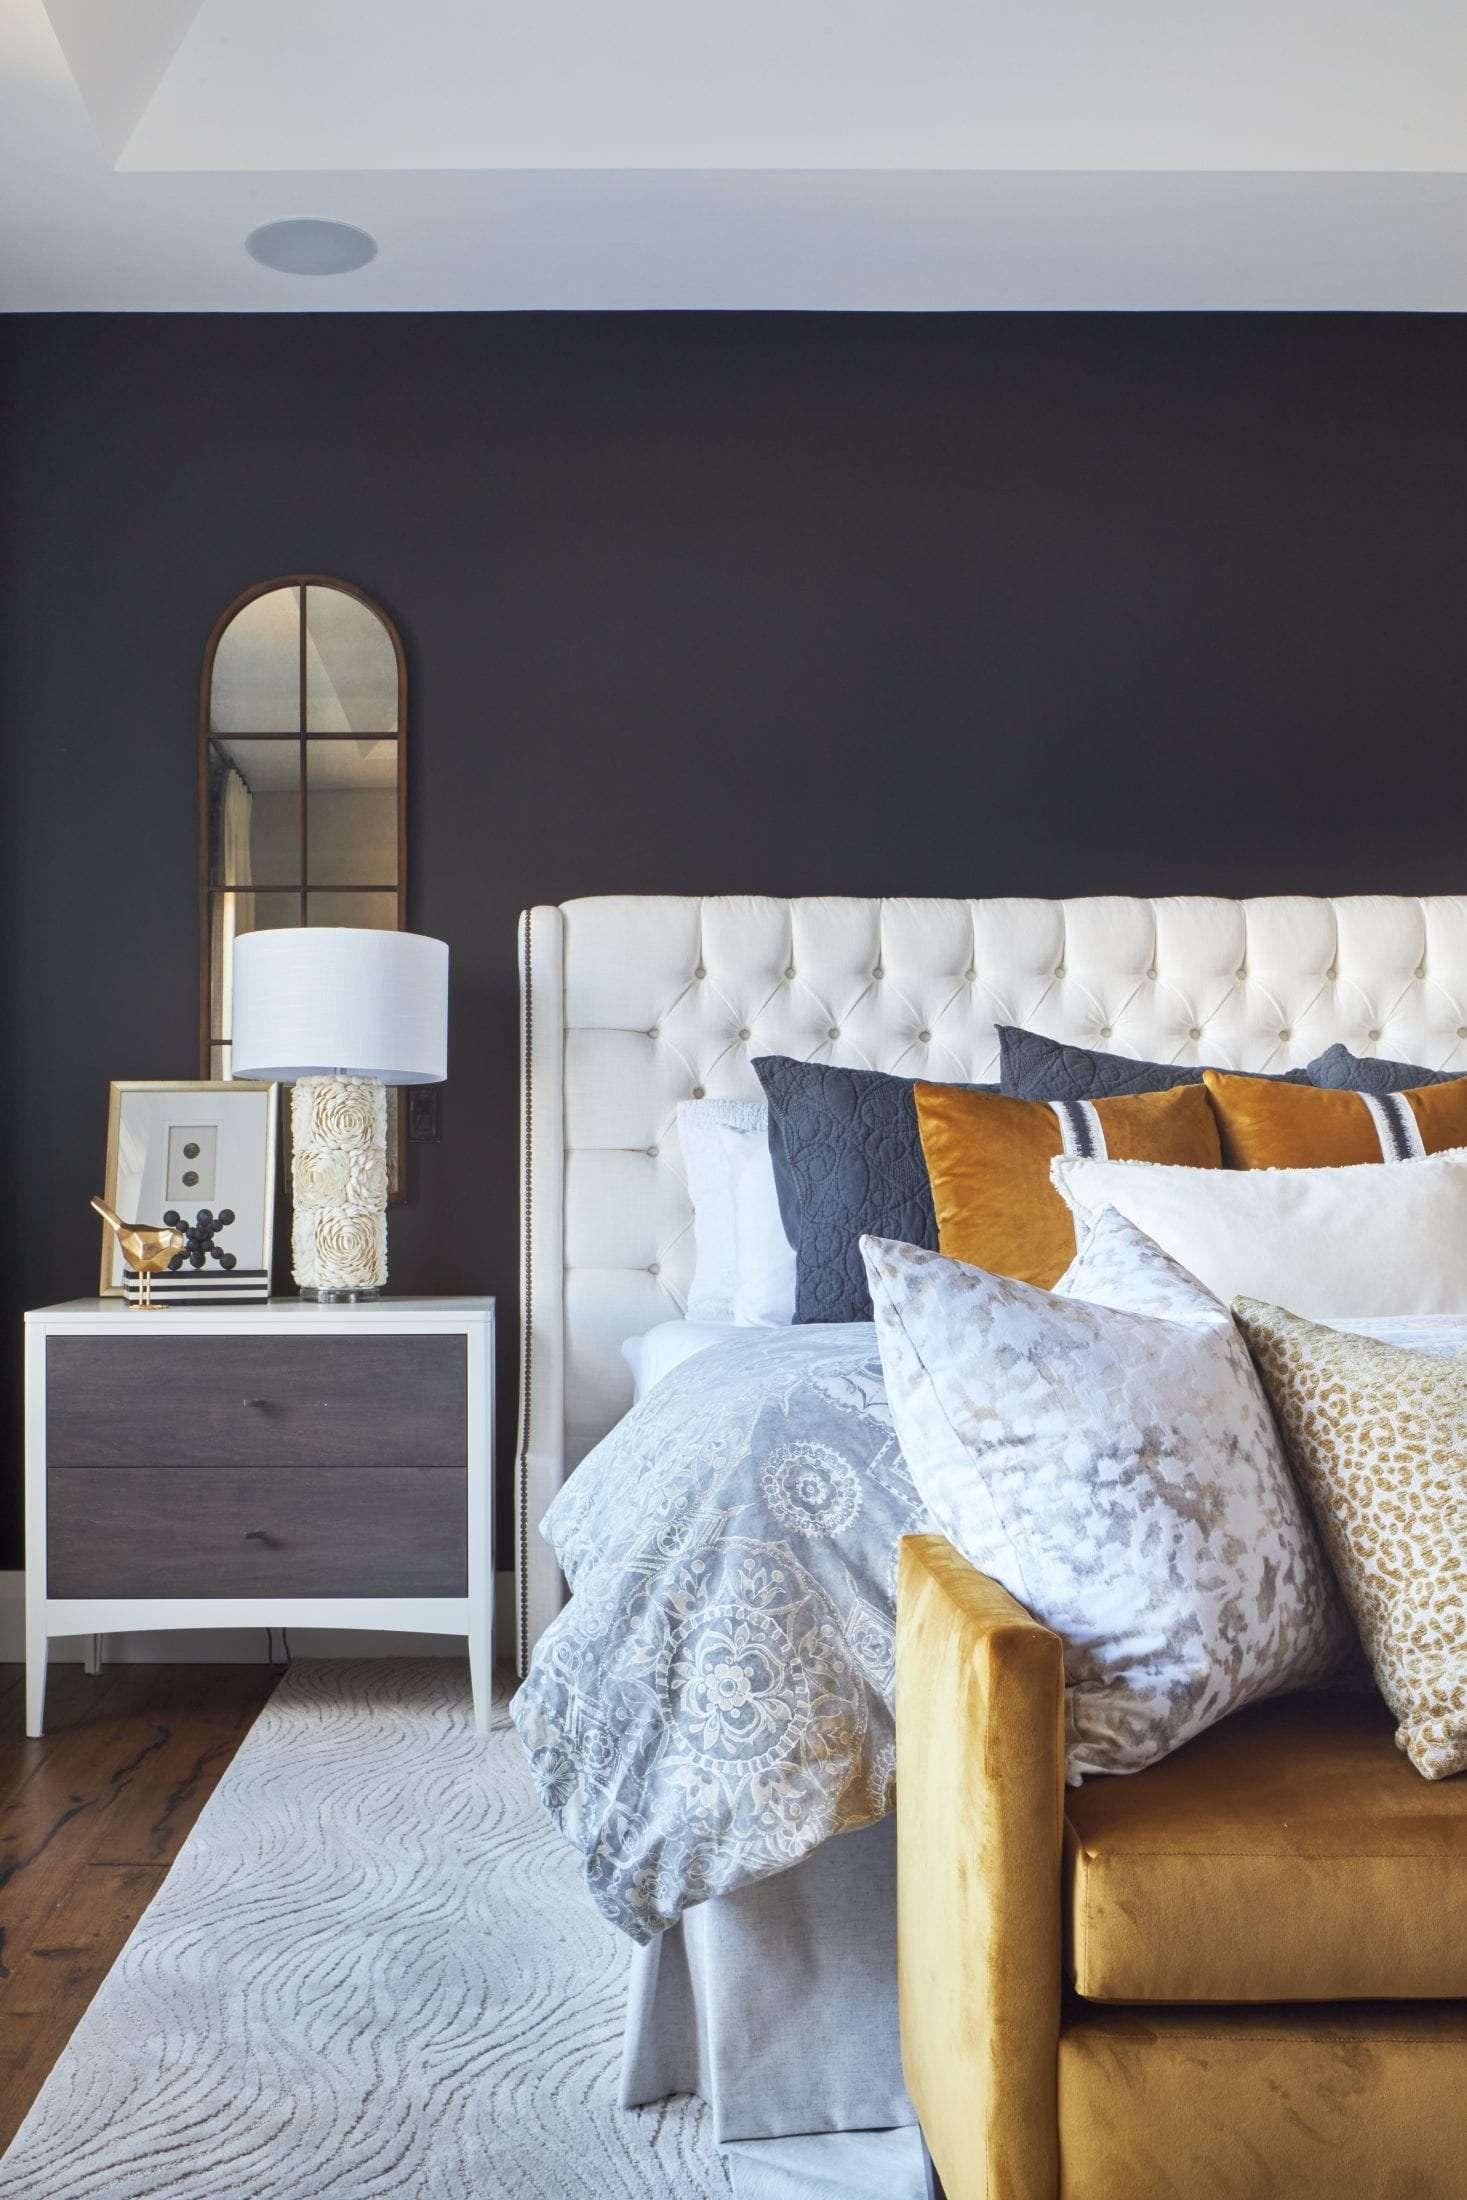 white upholstered headboard Benjamin Moore Black Beauty Pottery Barn Duvet cover